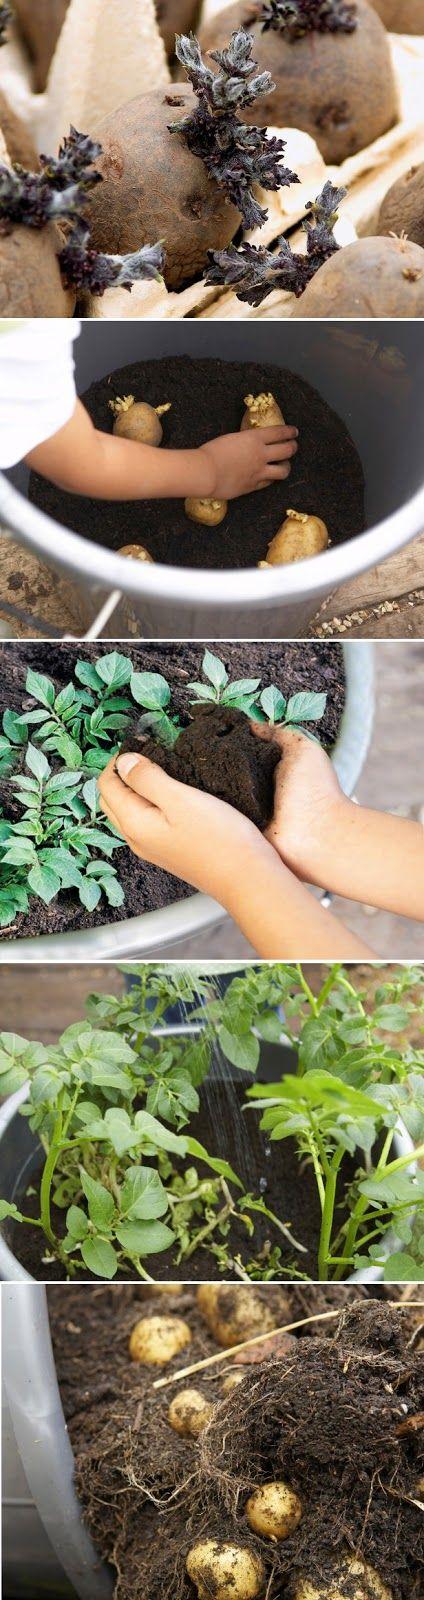 Comment faire pousser des pommes de terre dans les pots - Comment conserver des carottes du jardin ...